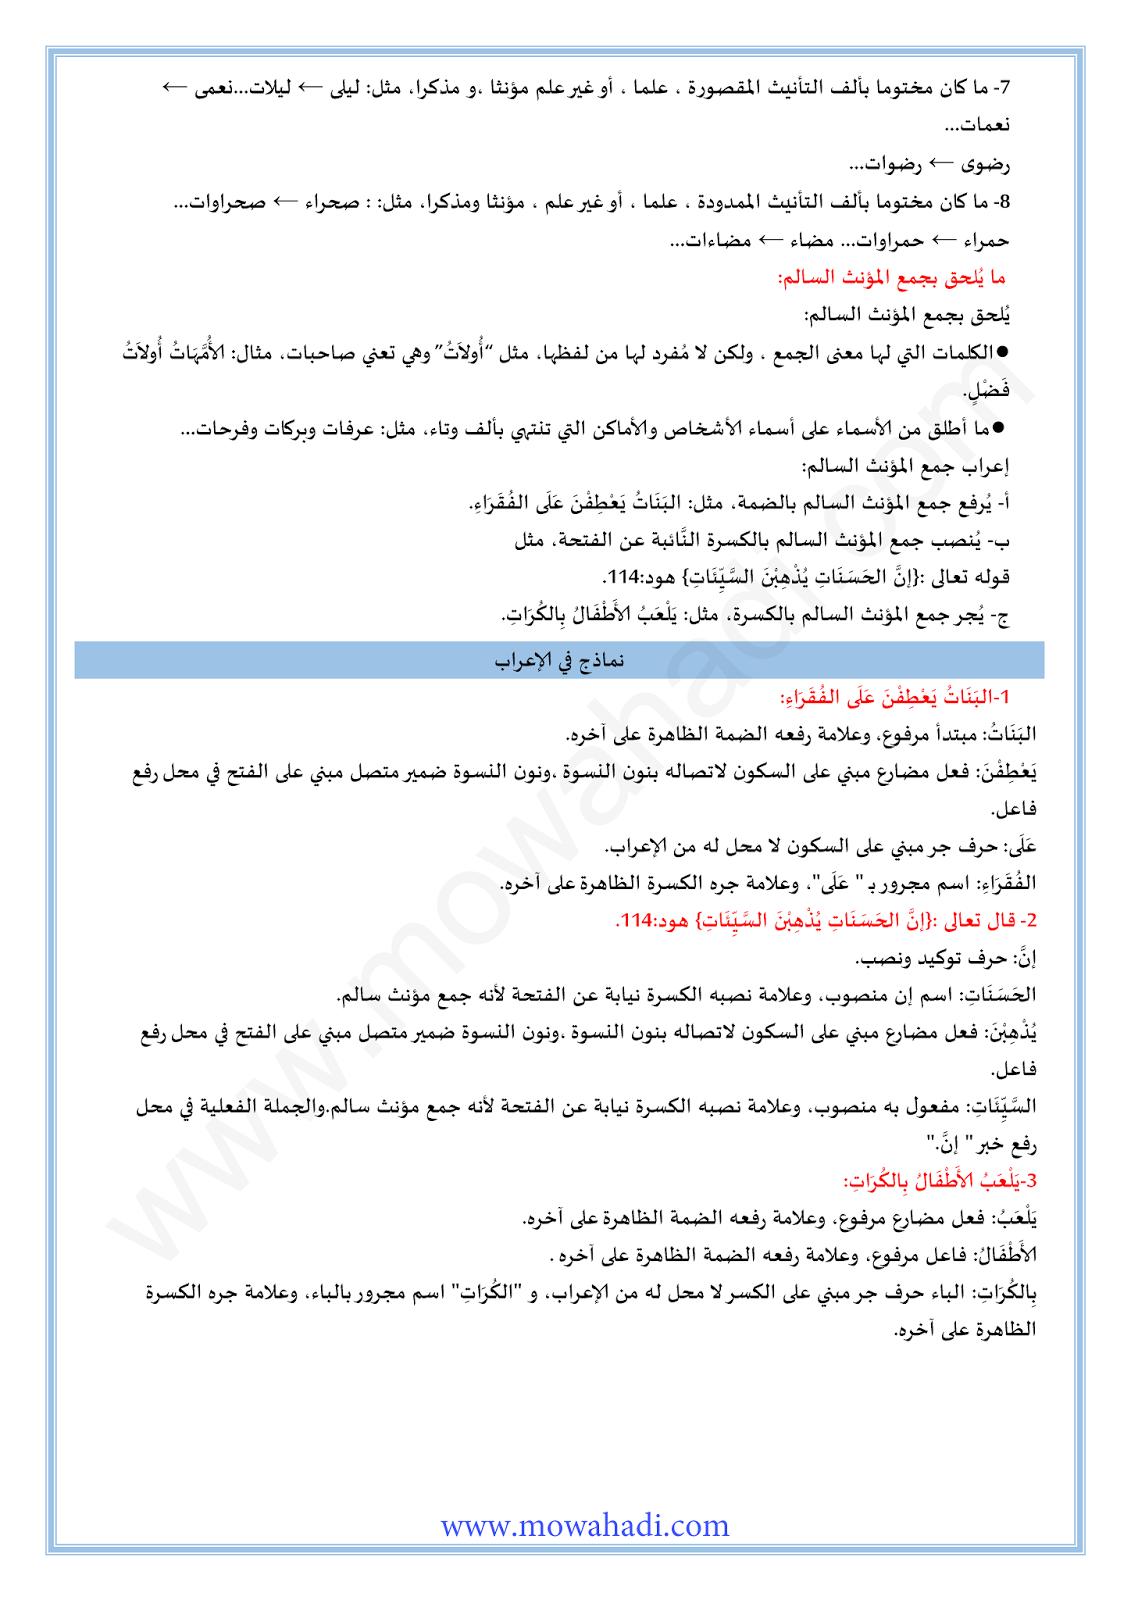 صوغ جمع المؤنث السالم و إعرابه-3